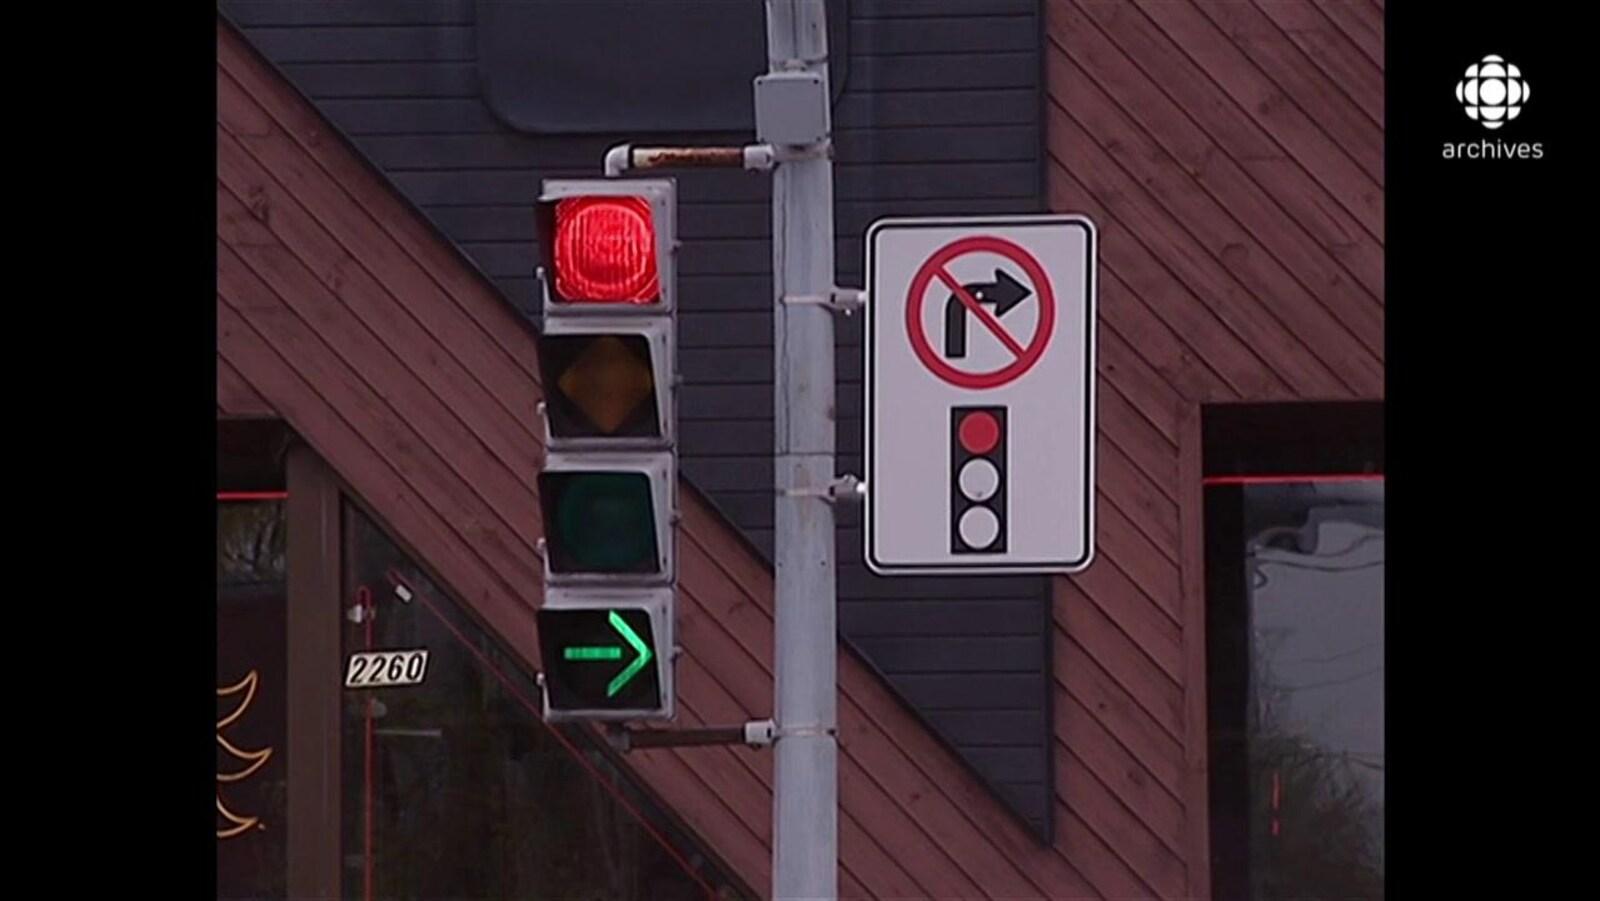 Panneau d'interdiction de virage à droite au feu rouge sur le même poteau qu'un feu de circulation indiquant un feu rouge, une flèche droite verte.